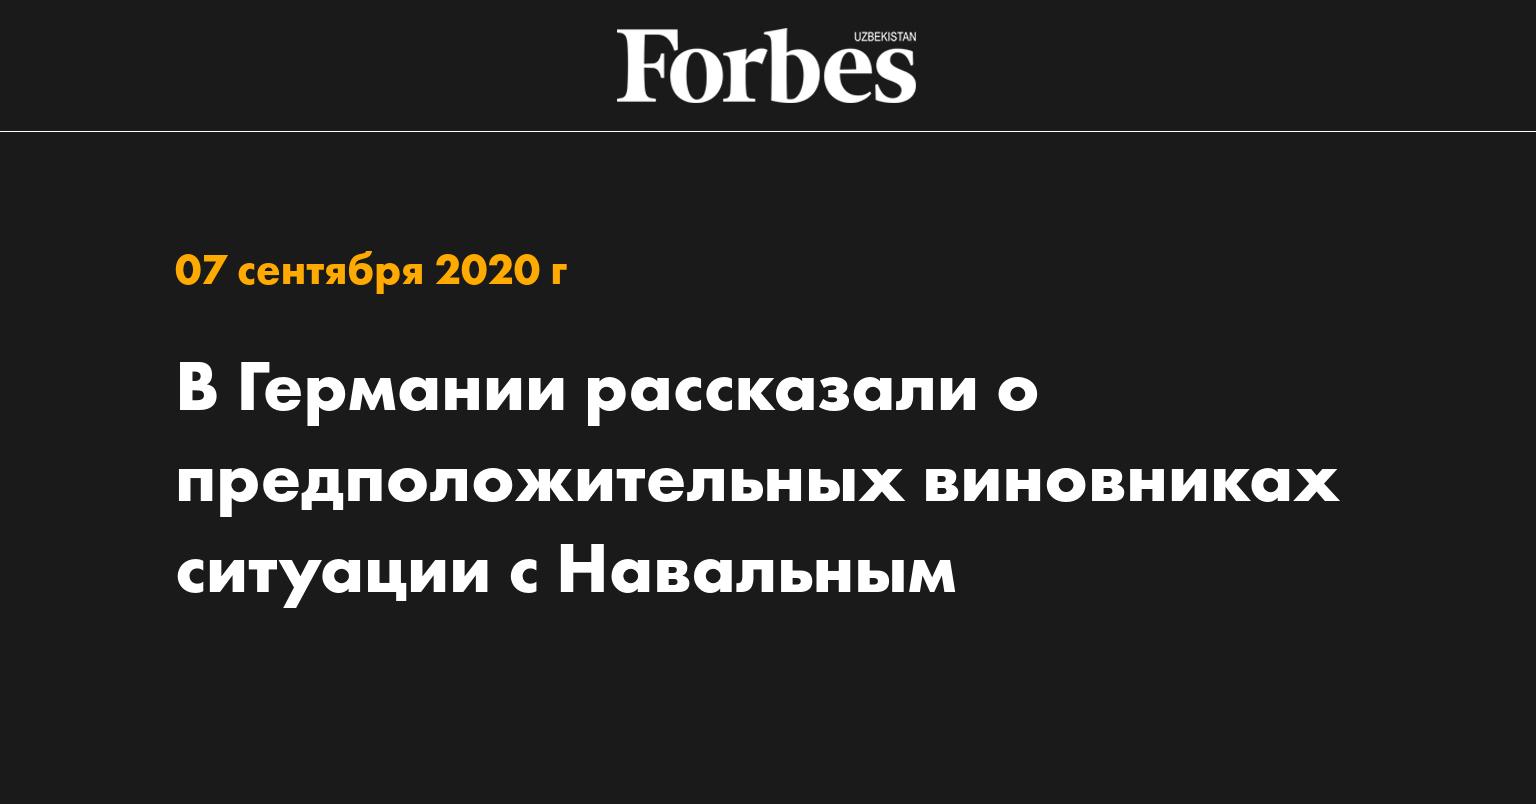 В Германии рассказали о предположительных виновниках ситуации с Навальным